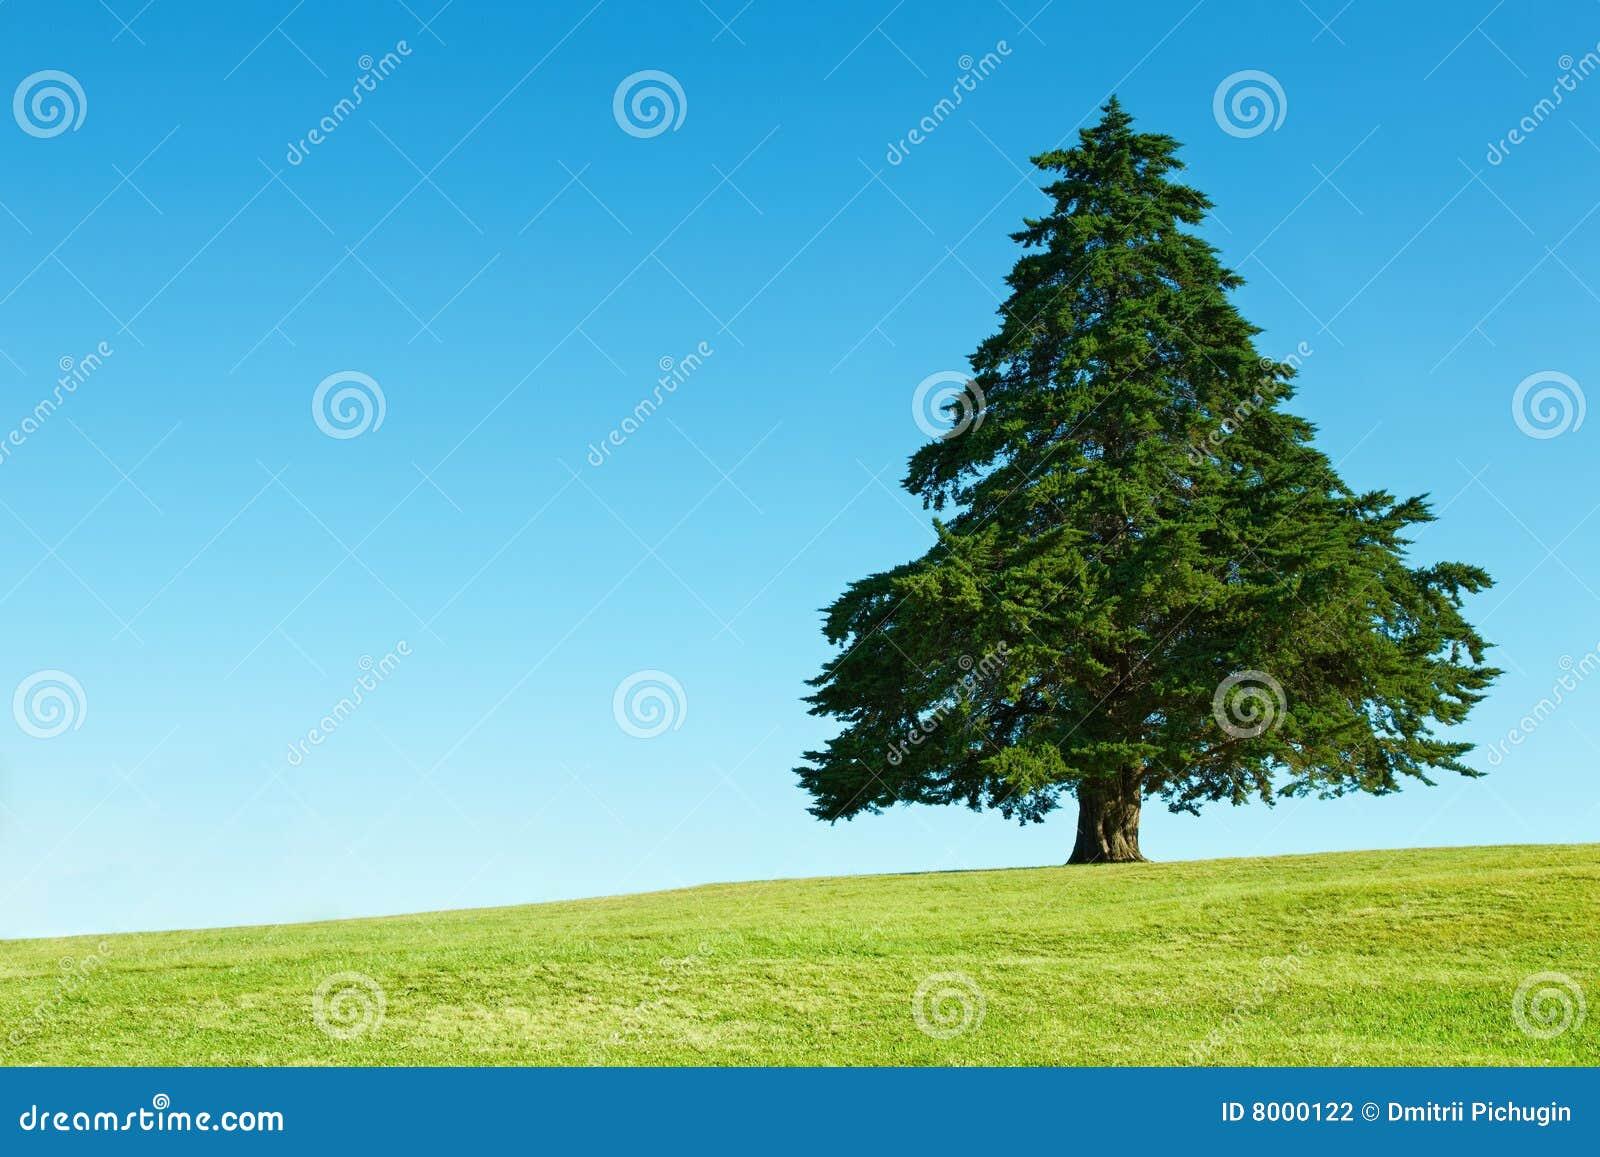 Einsamer Baum auf grünem Feld